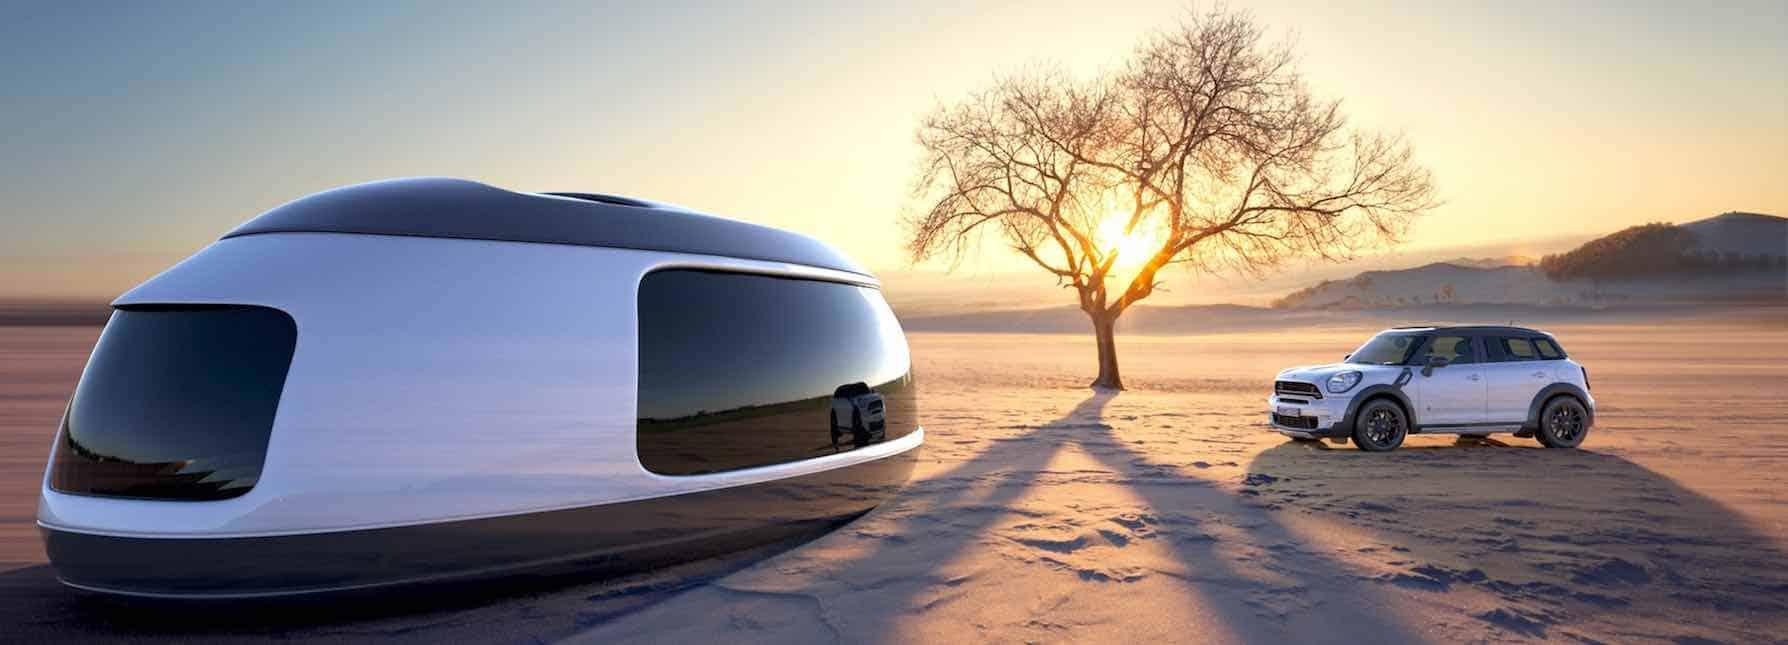 Este asombroso concepto de camping pod es lo que necesitas para hacer realidad tus sueños